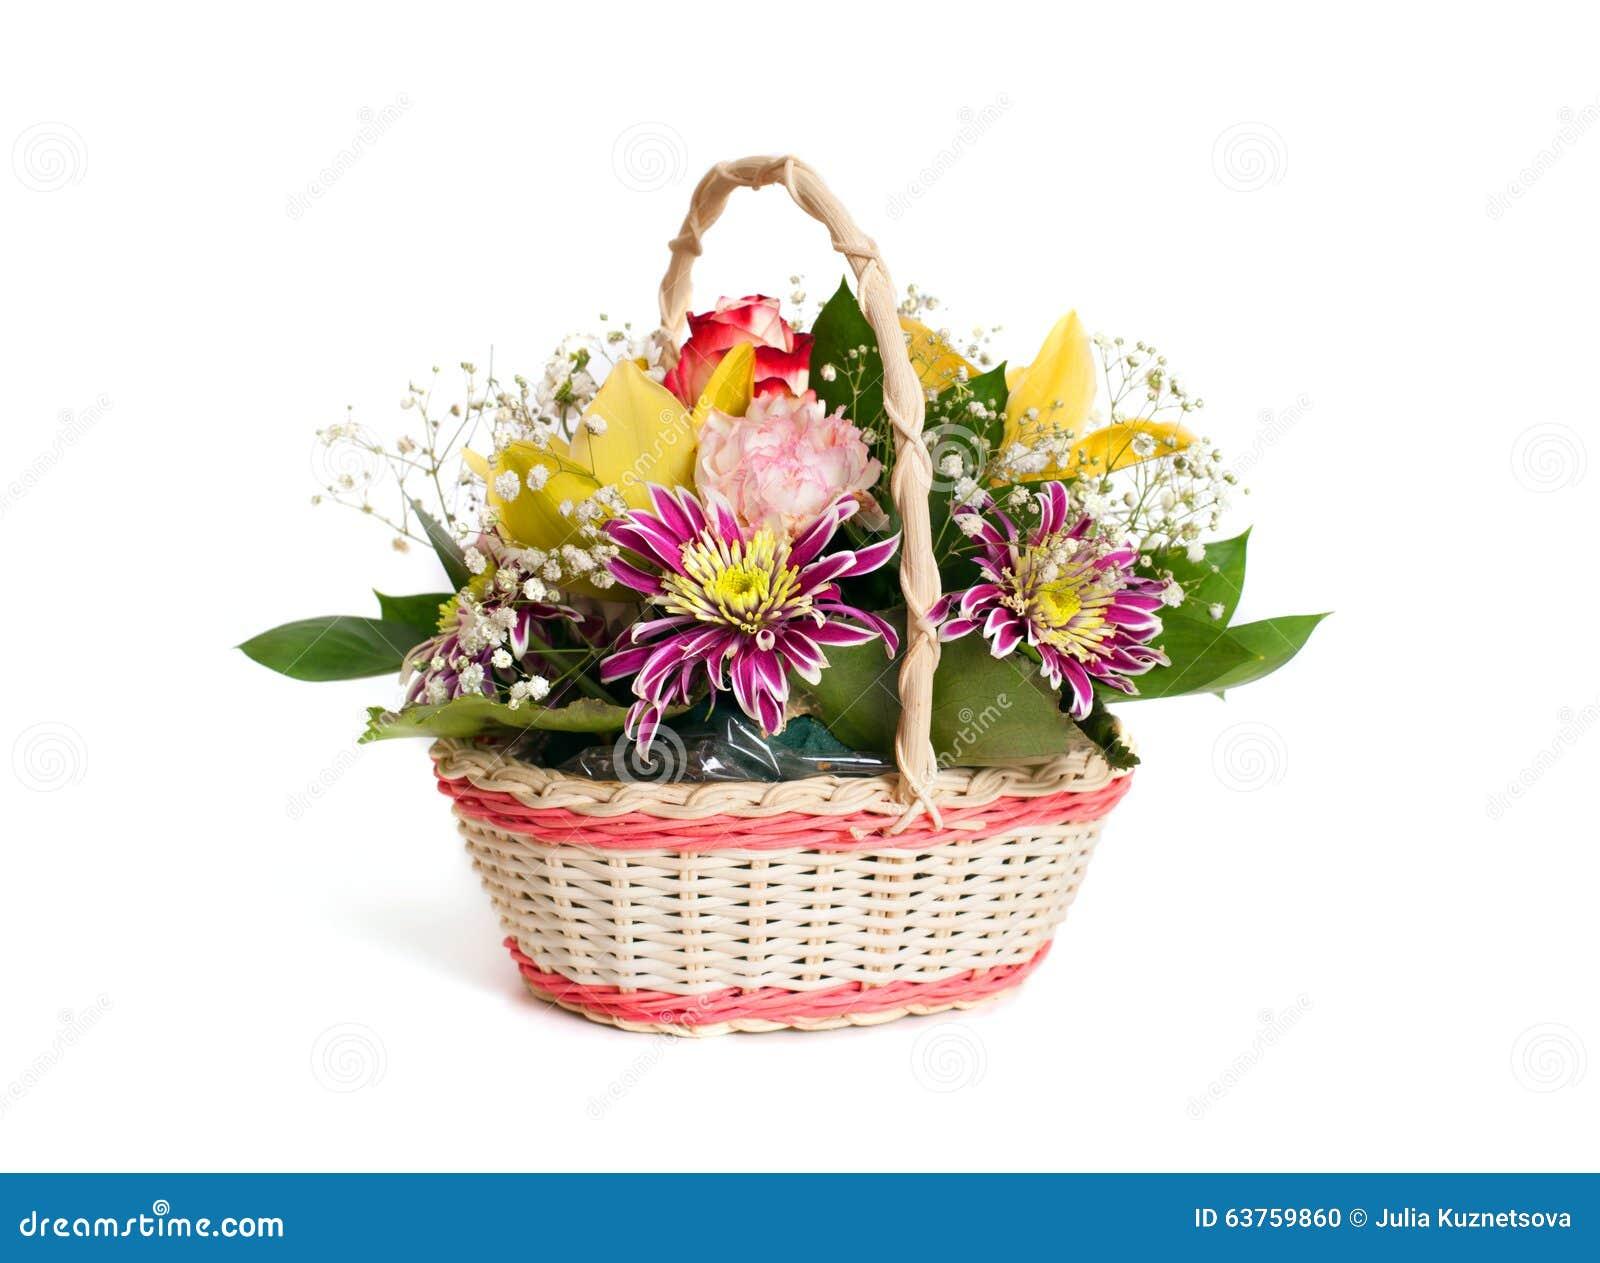 Panier De Fleurs Fraîches : Bouquet des fleurs dans un panier en osier photo stock